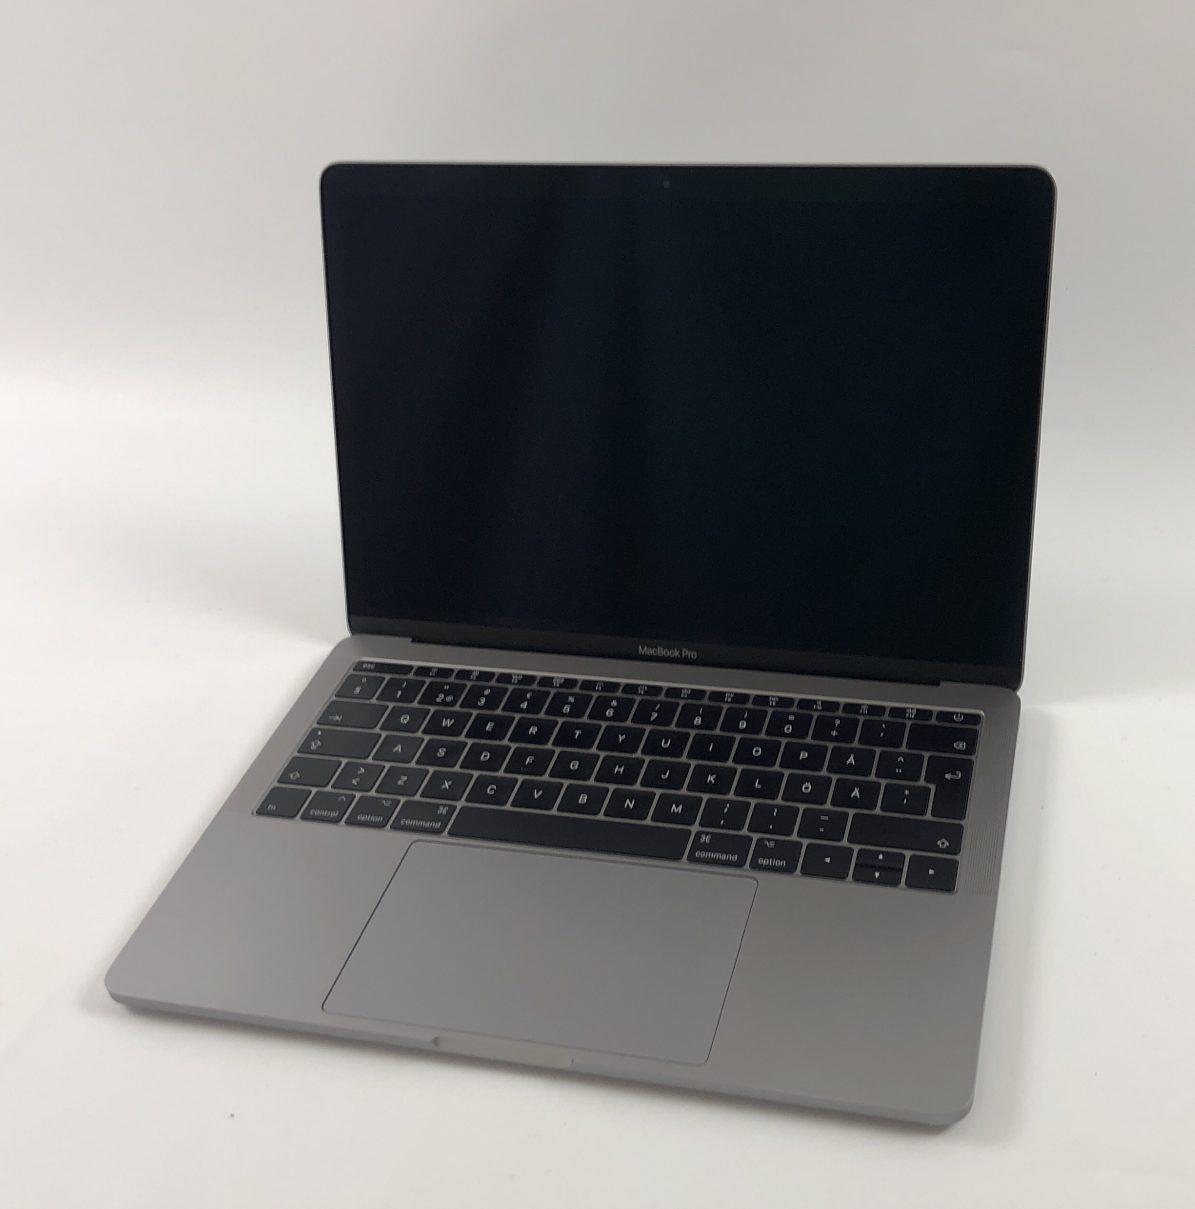 """MacBook Pro 13"""" 2TBT Mid 2017 (Intel Core i5 2.3 GHz 16 GB RAM 512 GB SSD), Space Gray, Intel Core i5 2.3 GHz, 16 GB RAM, 512 GB SSD, Kuva 1"""